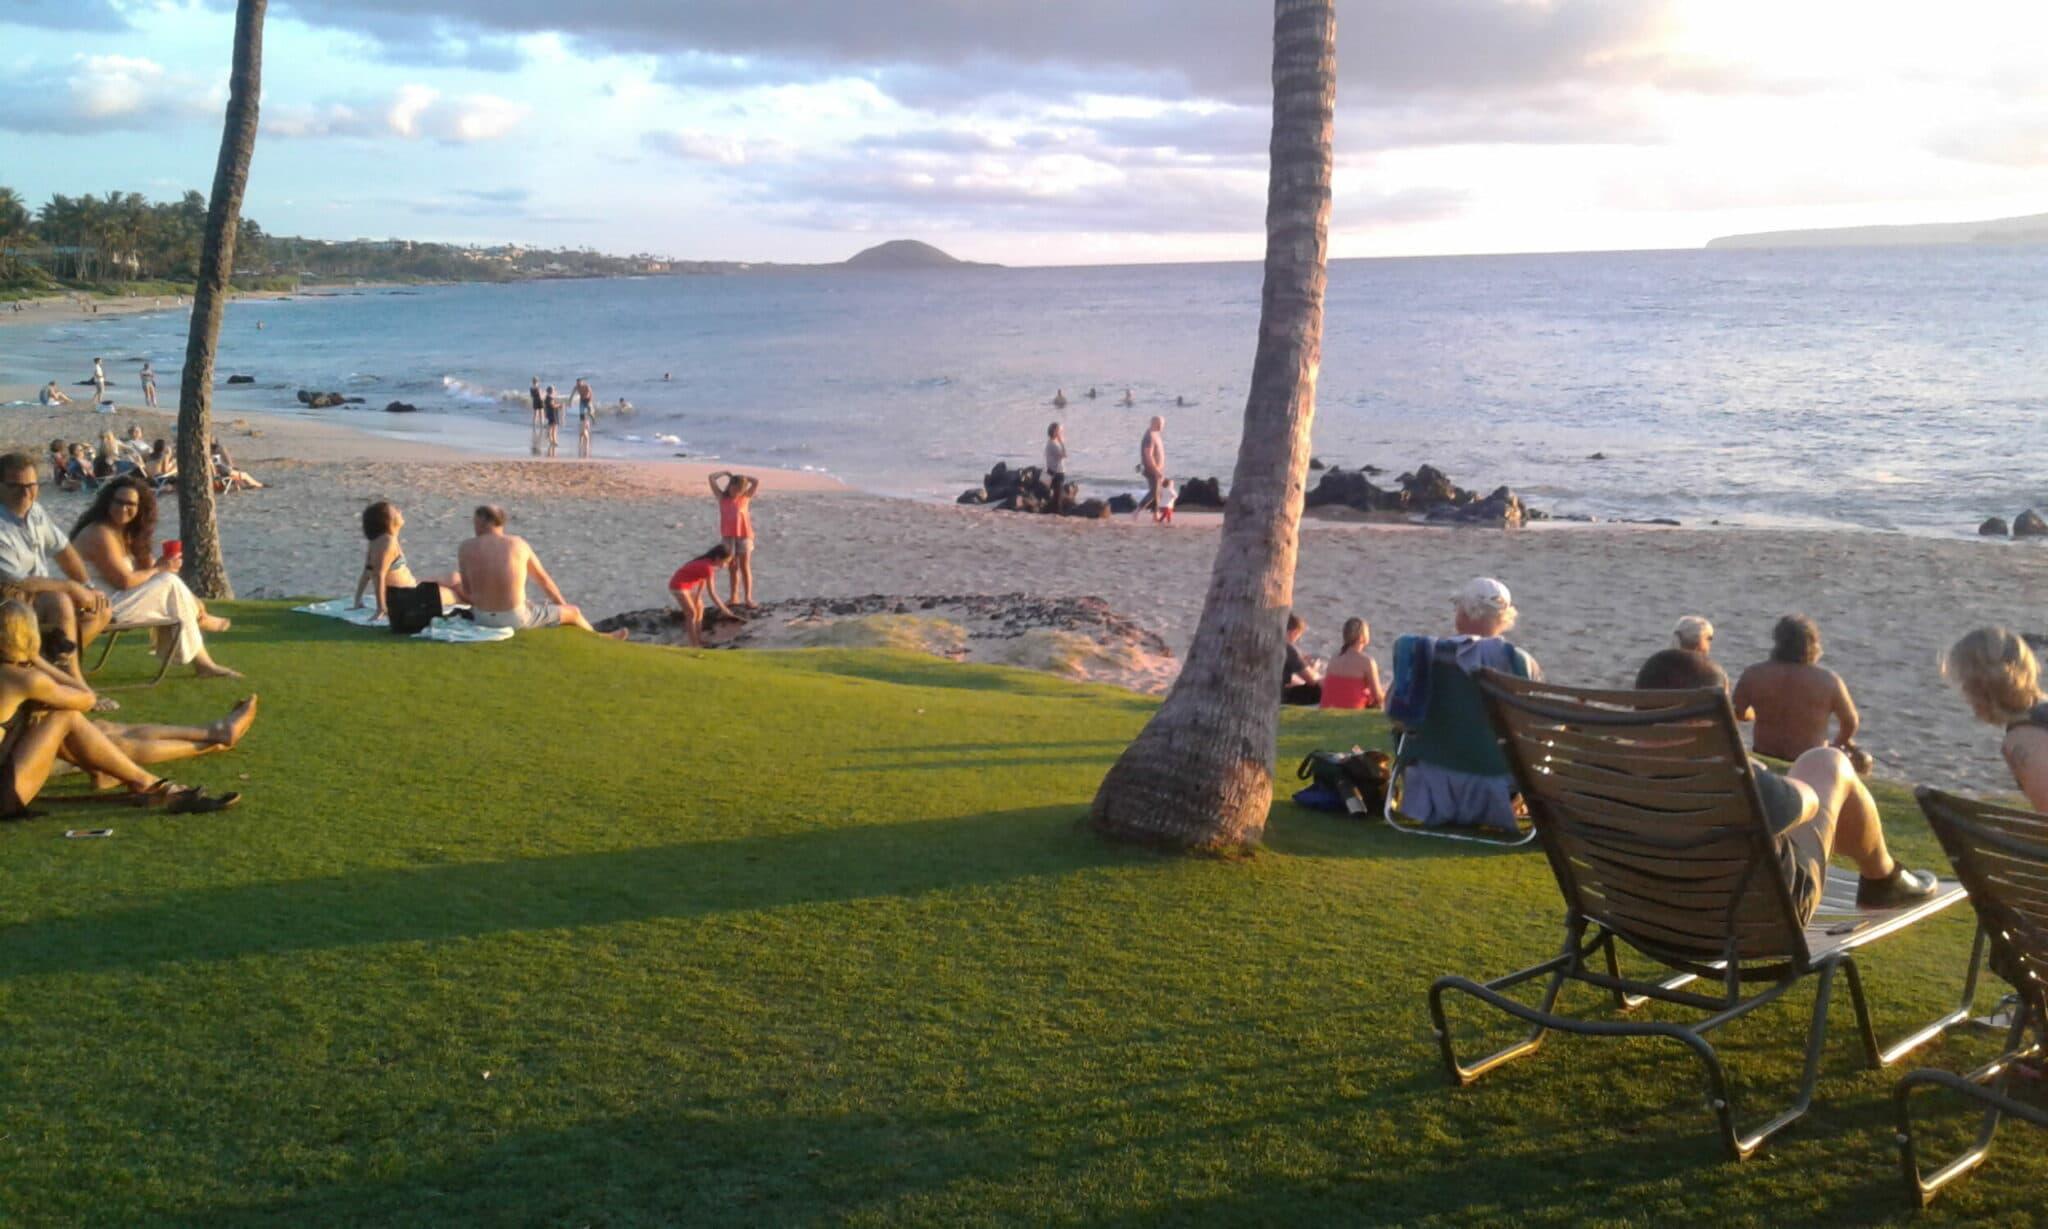 Maui protests